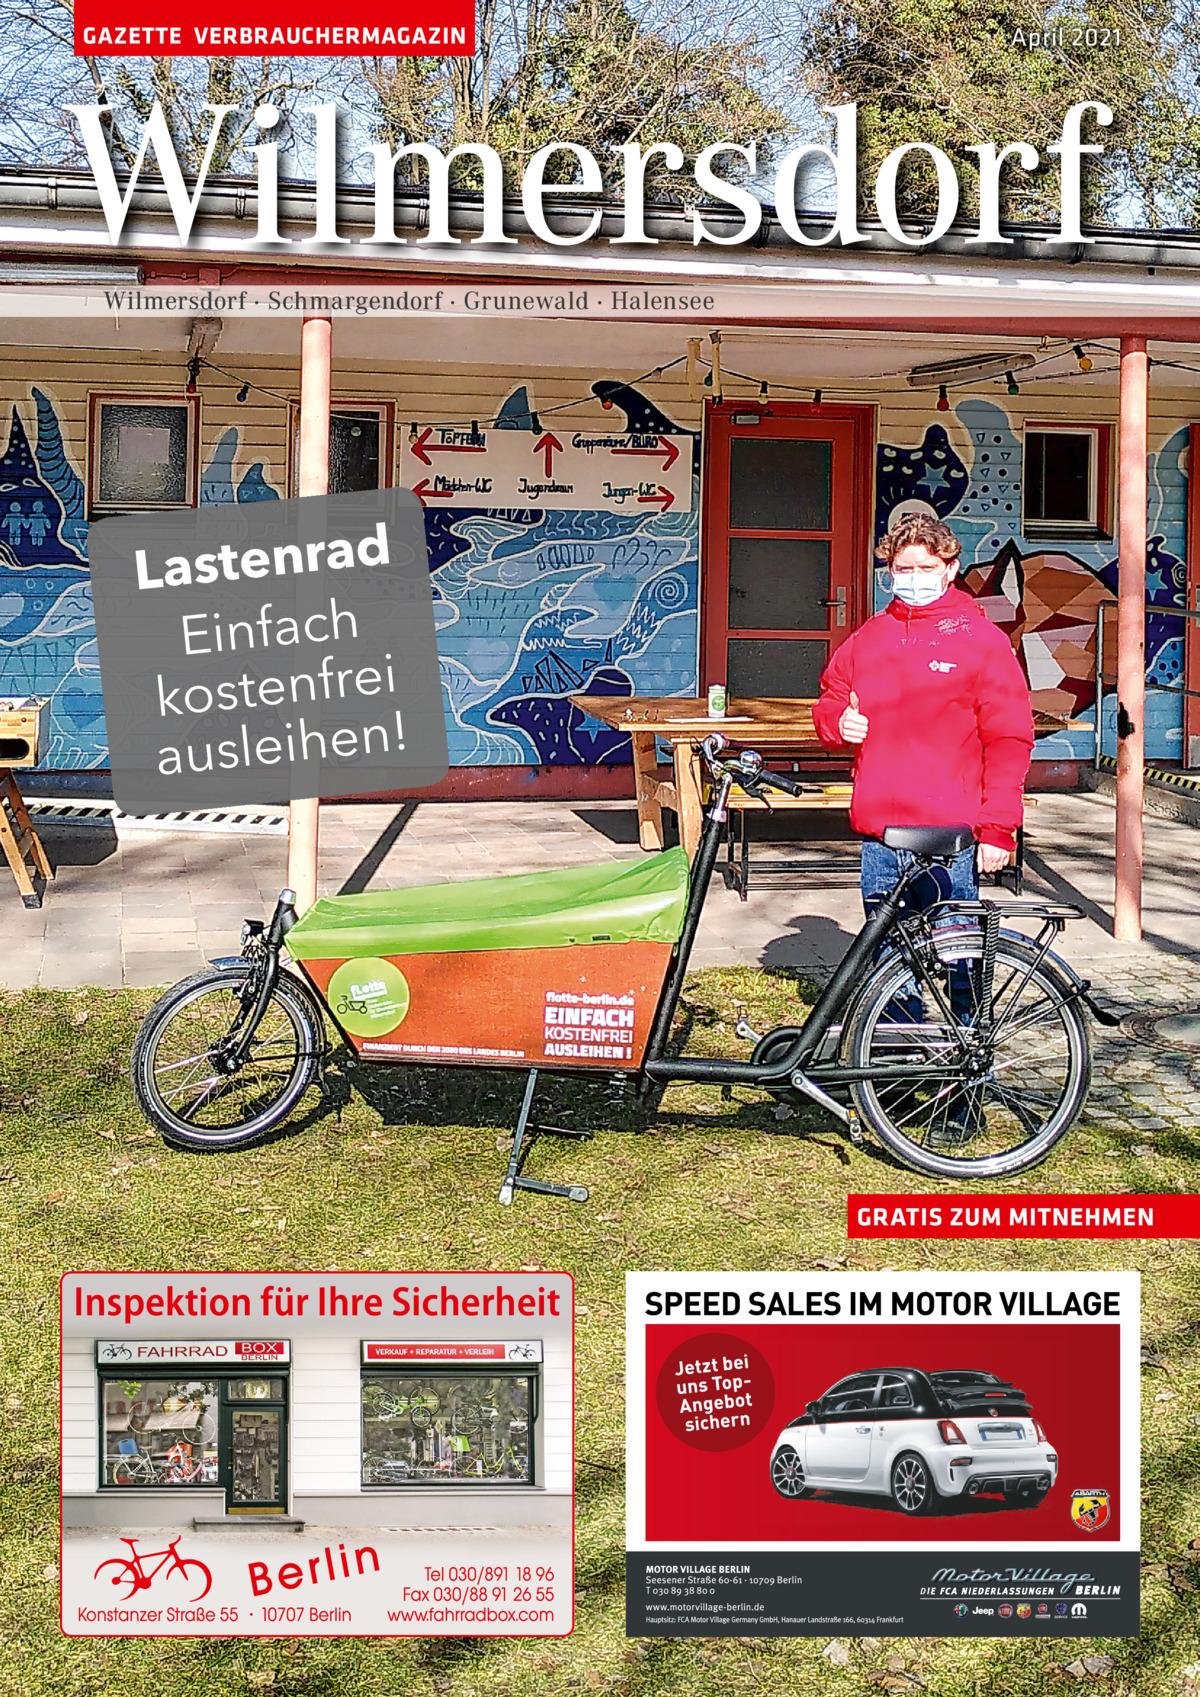 GAZETTE VERBRAUCHERMAGAZIN  April 2021  Wilmersdorf Wilmersdorf · Schmargendorf · Grunewald · Halensee  Lastenrad Einfach kostenfrei ausleihen!  GRATIS ZUM MITNEHMEN  Inspektion für Ihre Sicherheit